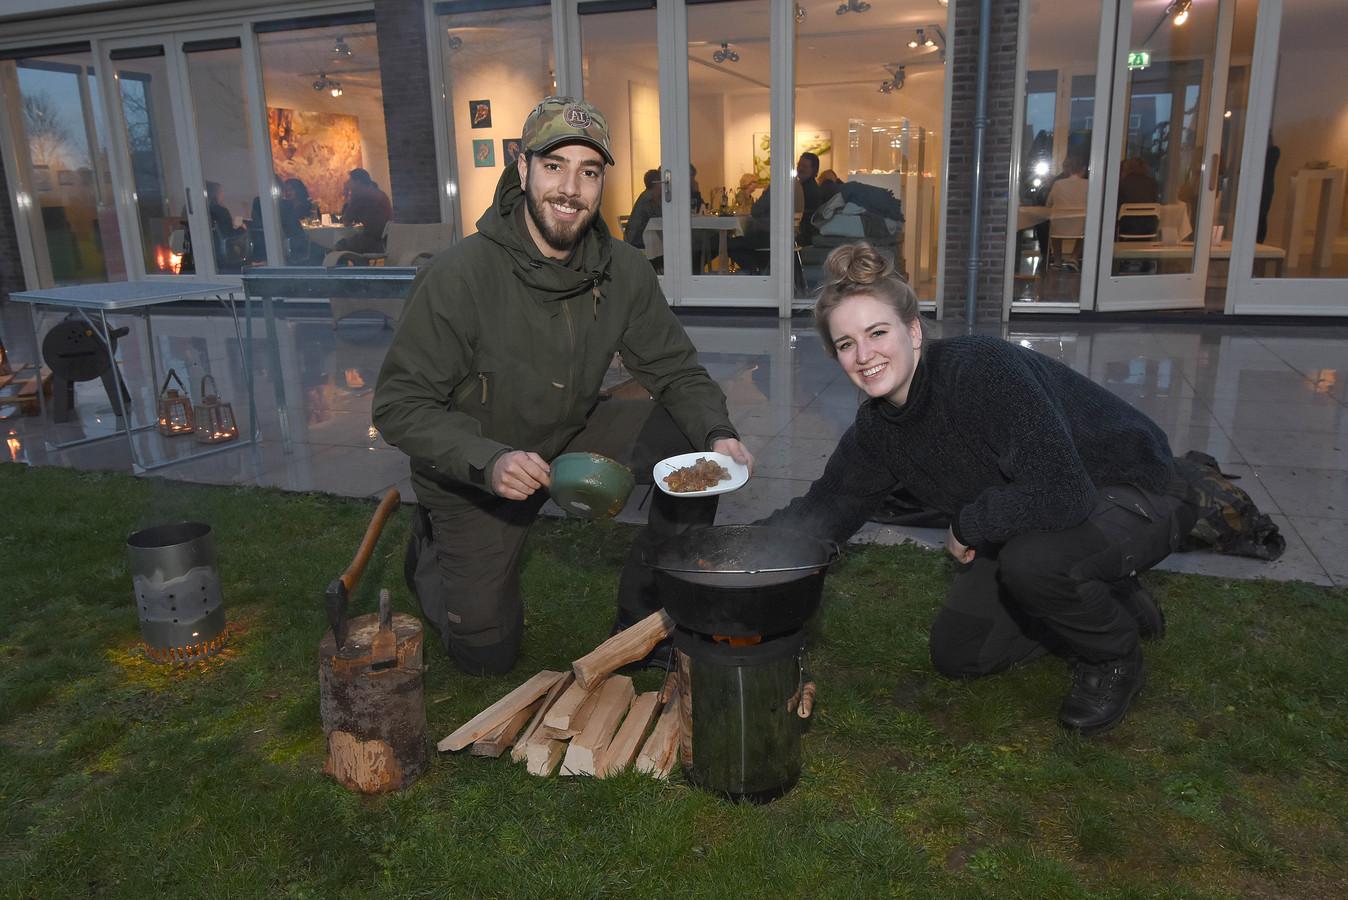 Kunstenares Tyrell Kuipers en haar vriend Joop Cornelis.